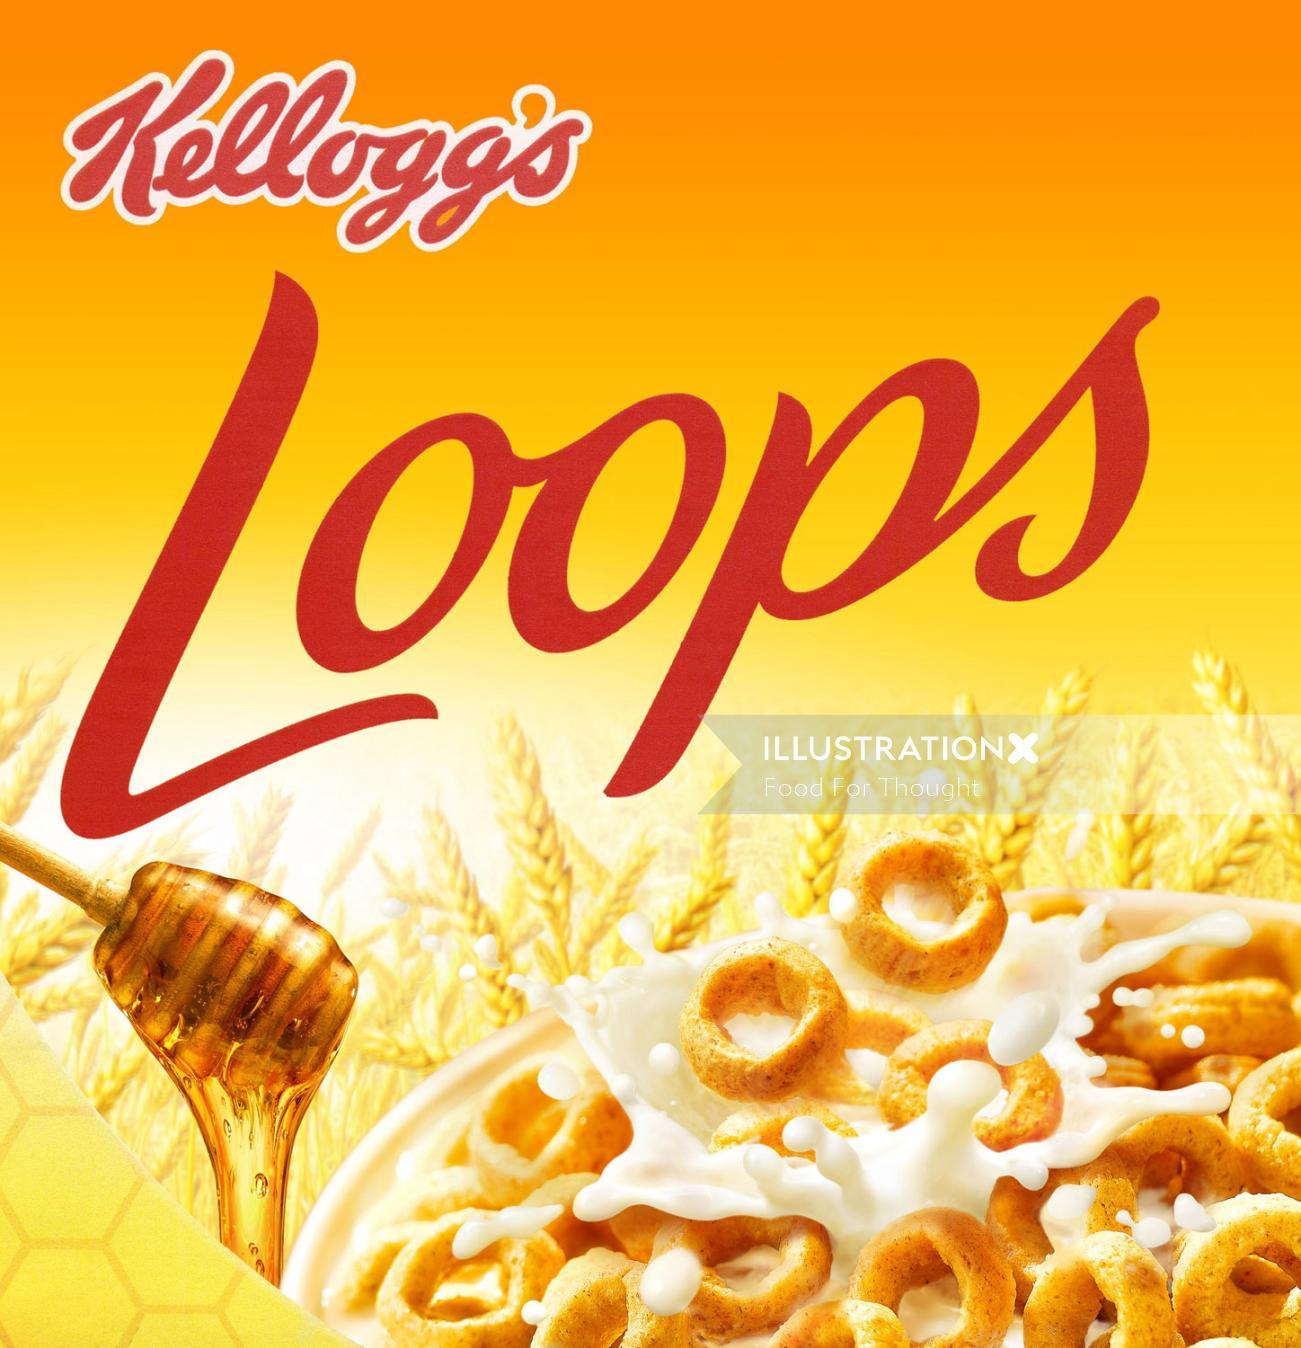 Food & Drink Kellogs Loops